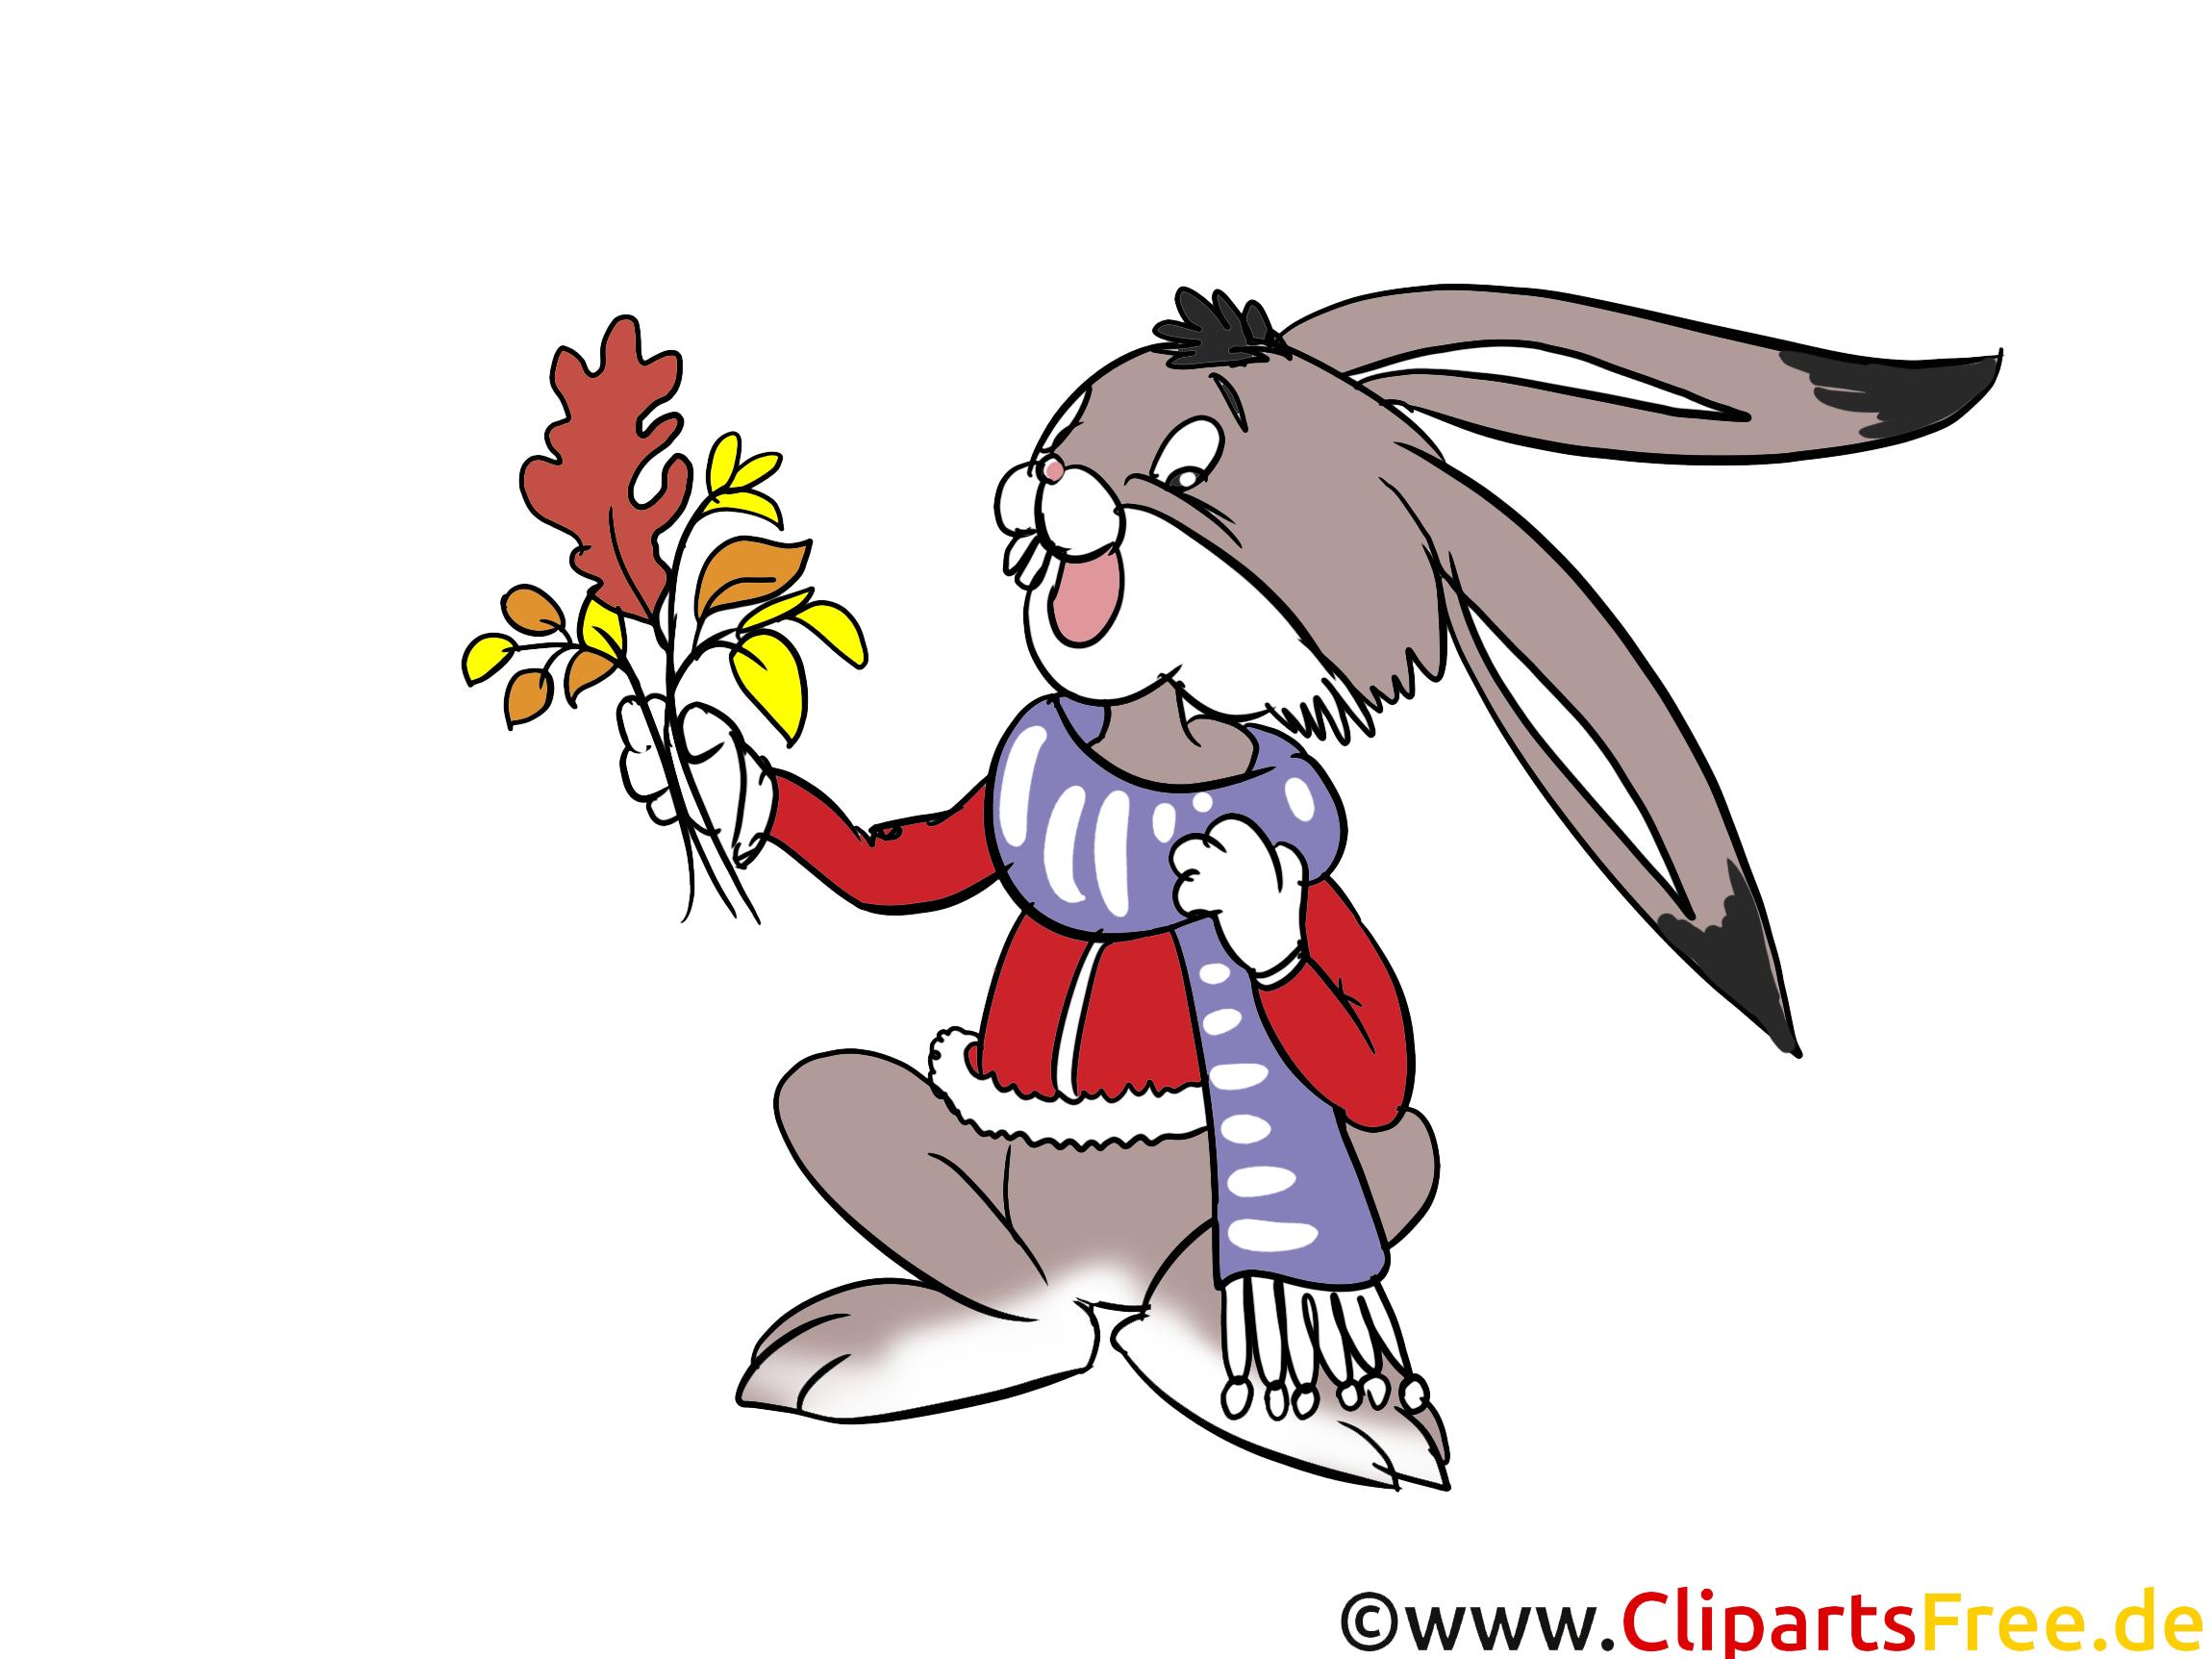 Lustiger Hase, Kaninachen Clipart, Cartoon, Comic, Illustration über Lustige Hasen Bilder Kostenlos